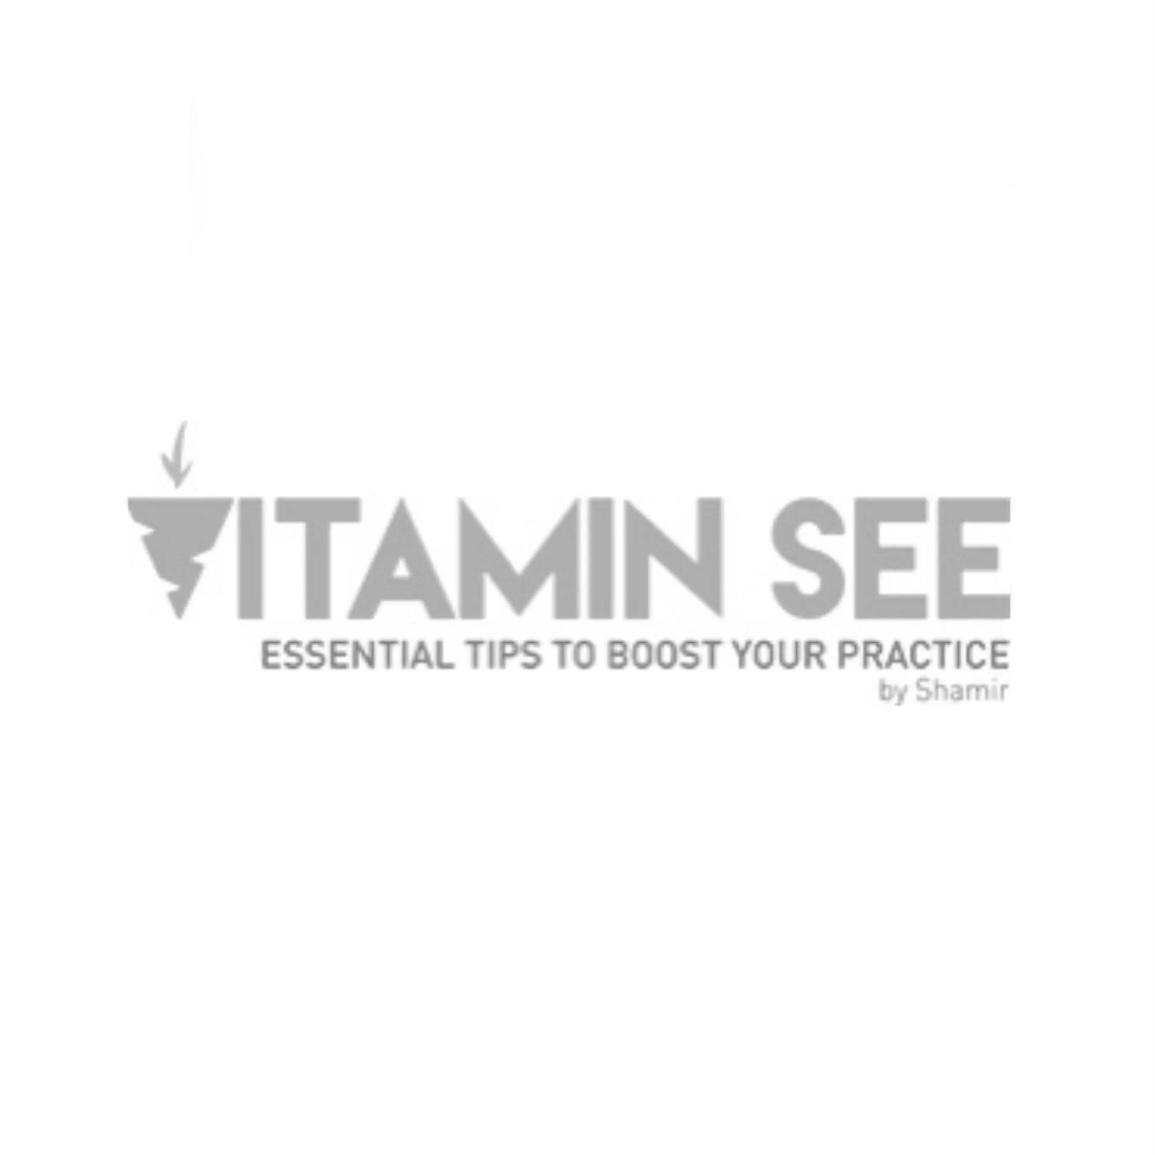 shamir vitamin see logo